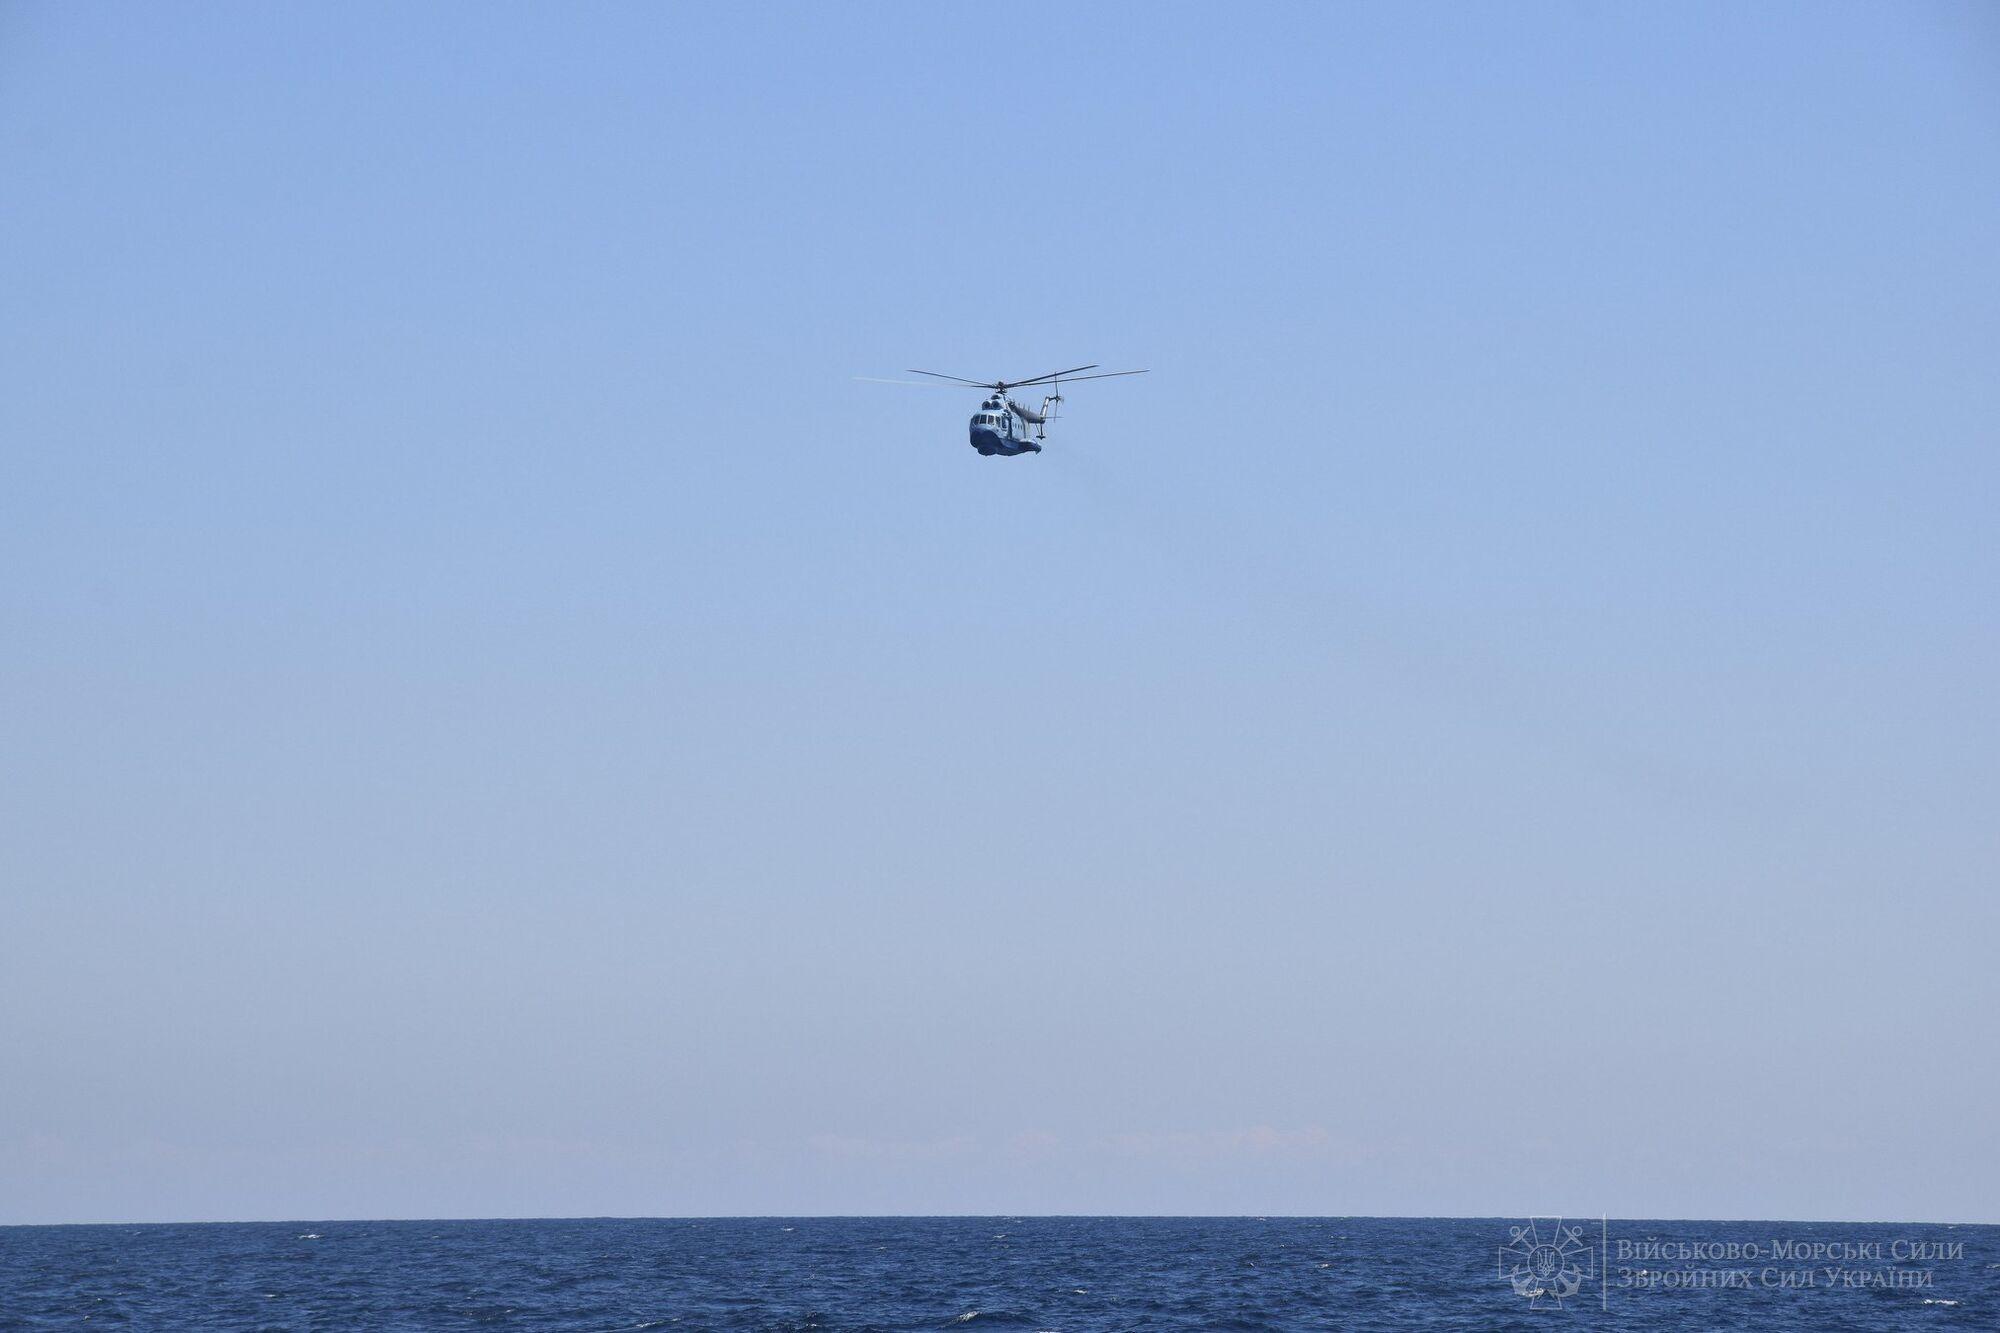 Гелікоптер Мі-14 ВМС ЗСУ брав участь у навчаннях